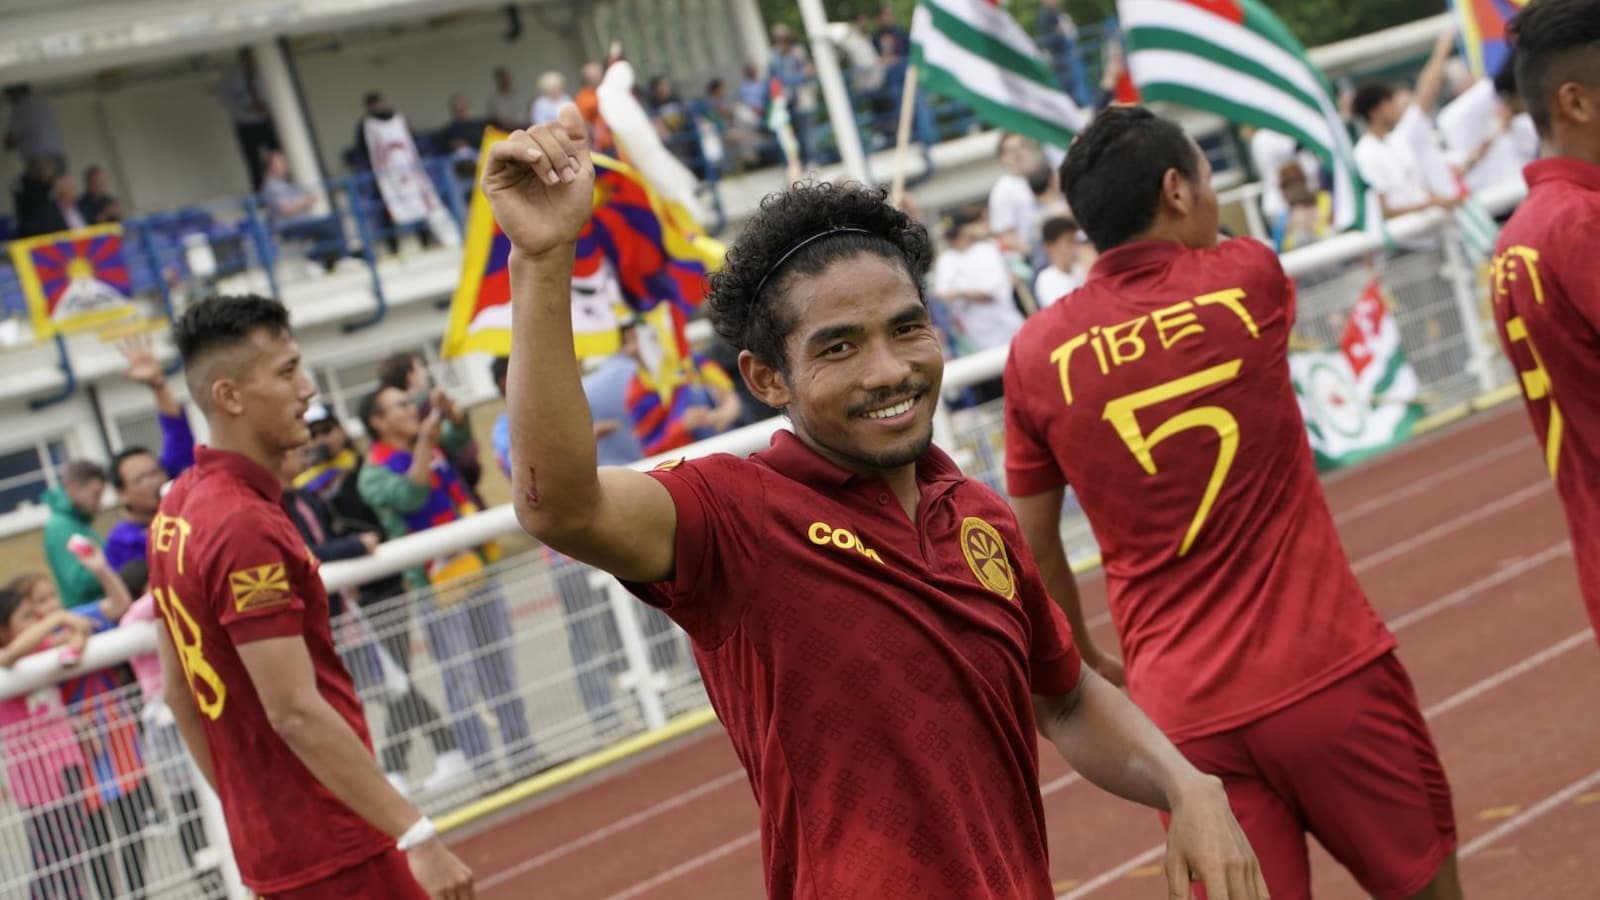 Des membres de l'équipe du Tibet à la Coupe du monde des peuples sans État